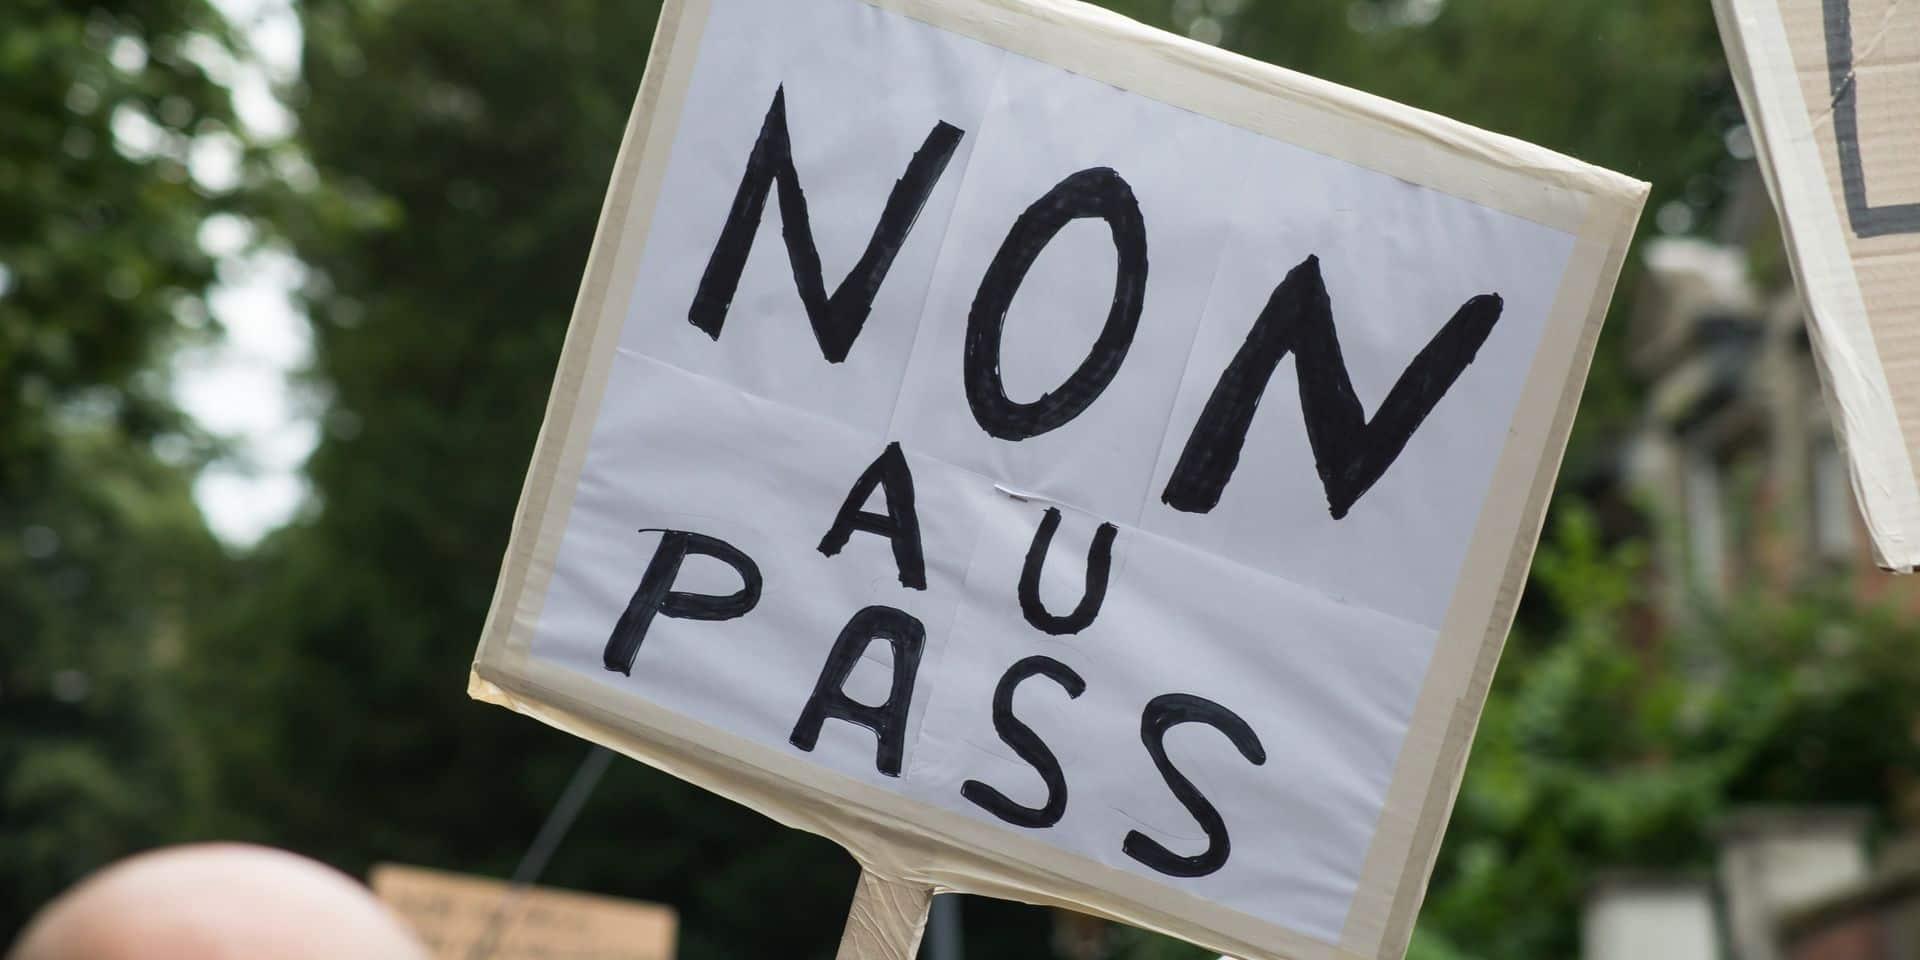 5000 manifestants dans les rues de Namur contre les mesures sanitaires